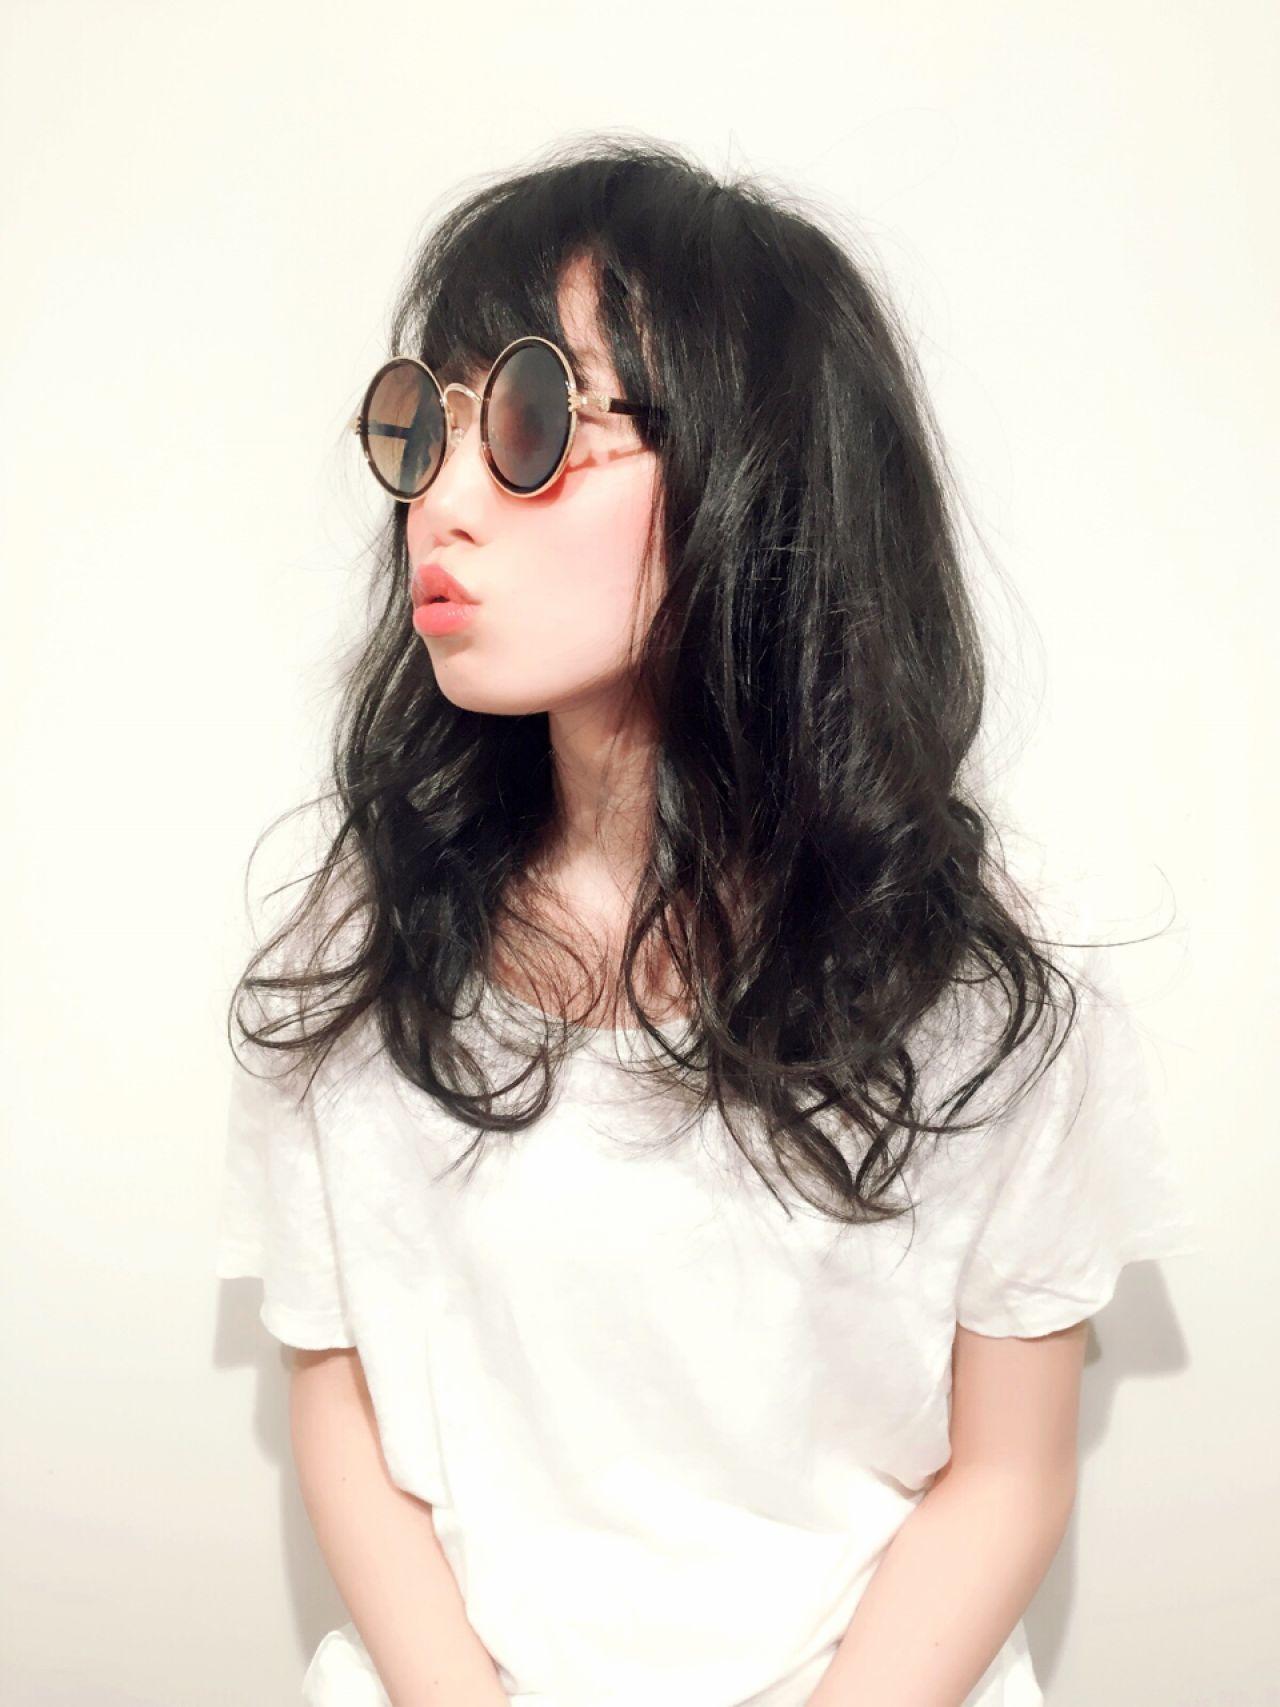 誰よりも可愛くなれる♡おフェロ髪になりた~い♡♡ mina